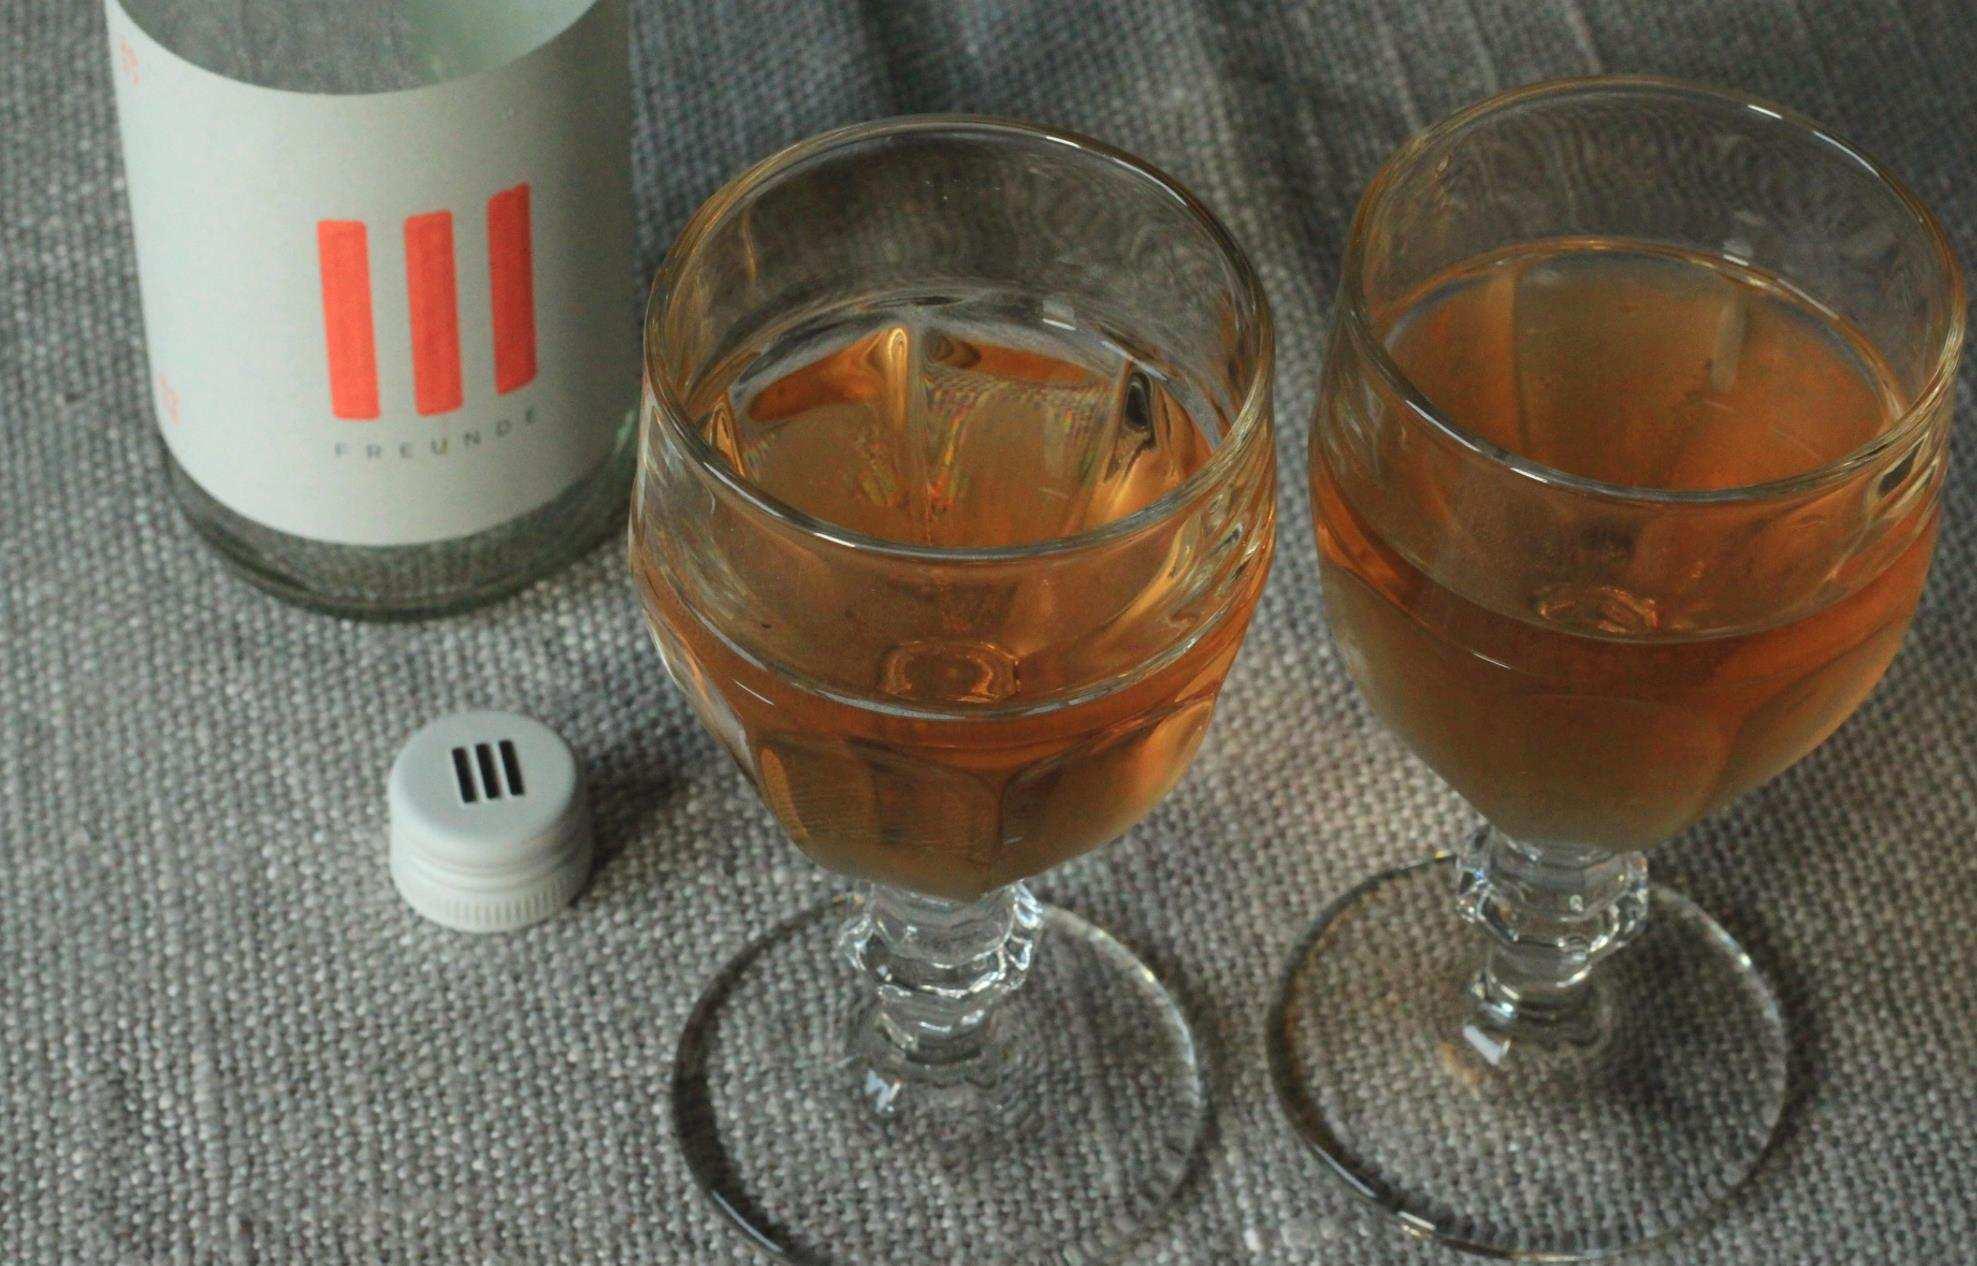 Weinflasche Rose von III Freunde mit 2 gefüllten Gläsern